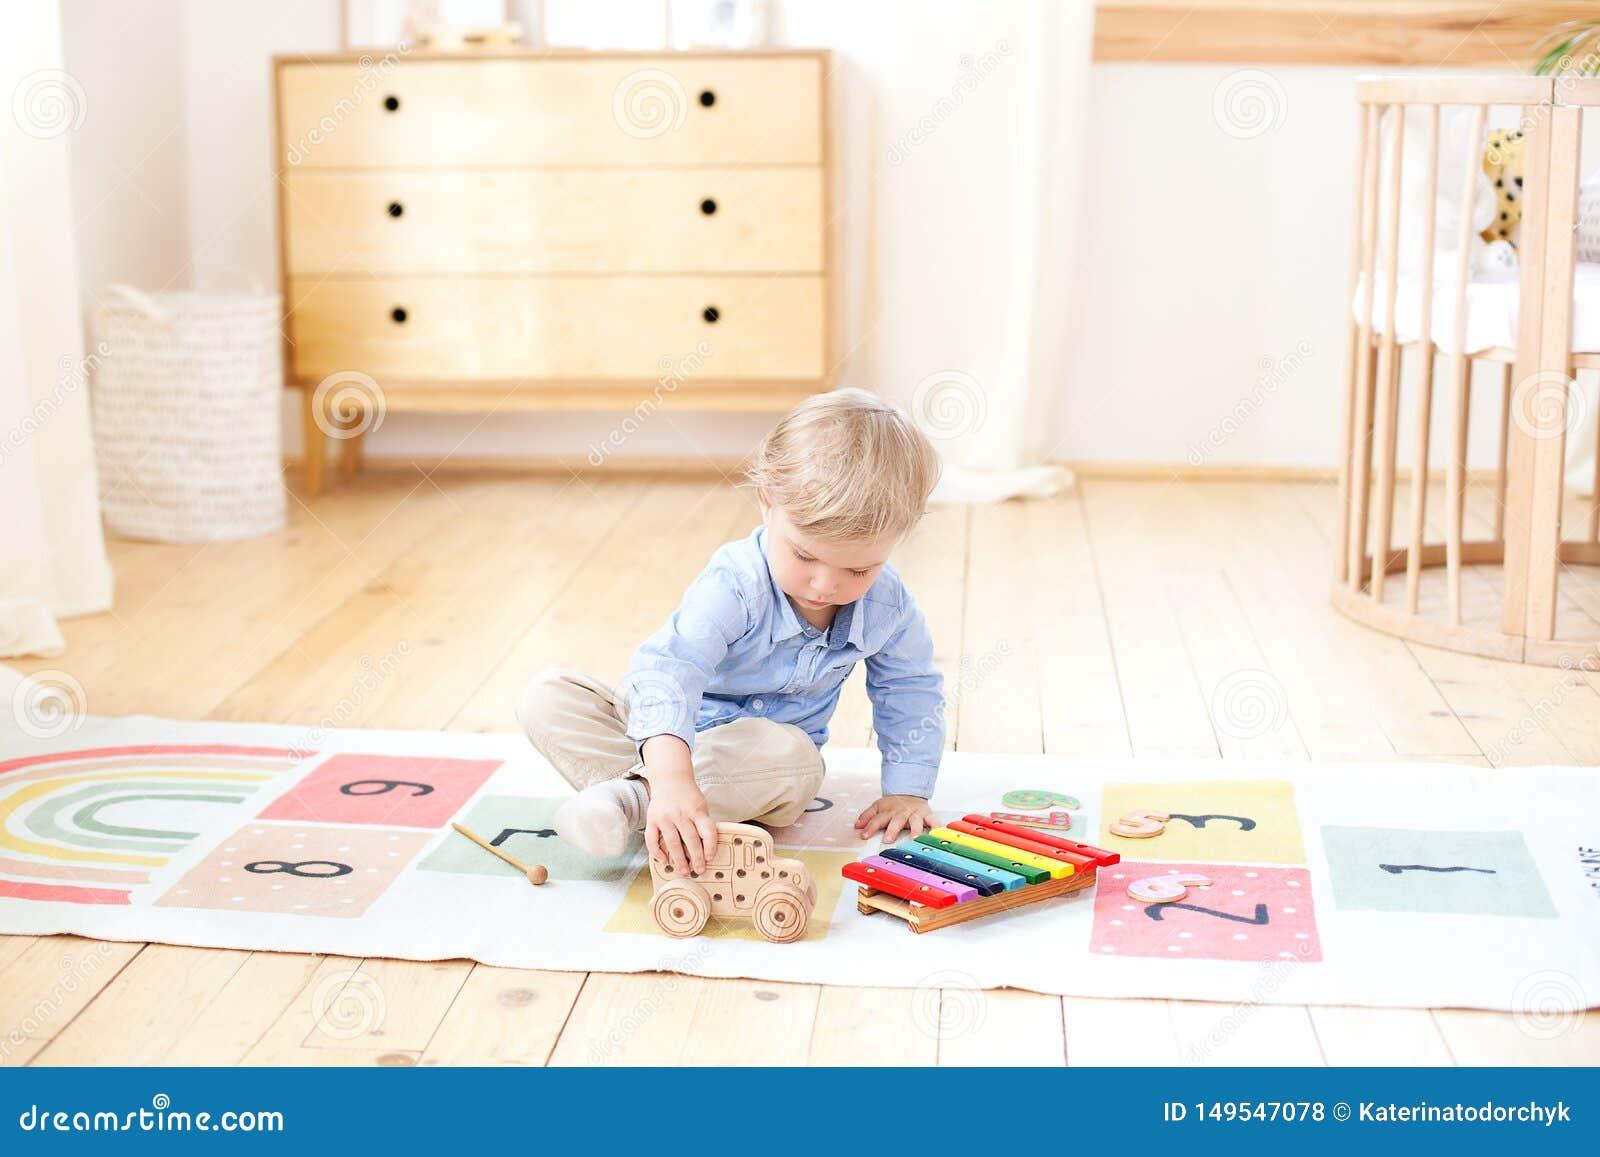 El muchacho juega con una máquina de escribir de madera Juguetes de madera educativos para el niño Retrato de un muchacho que se